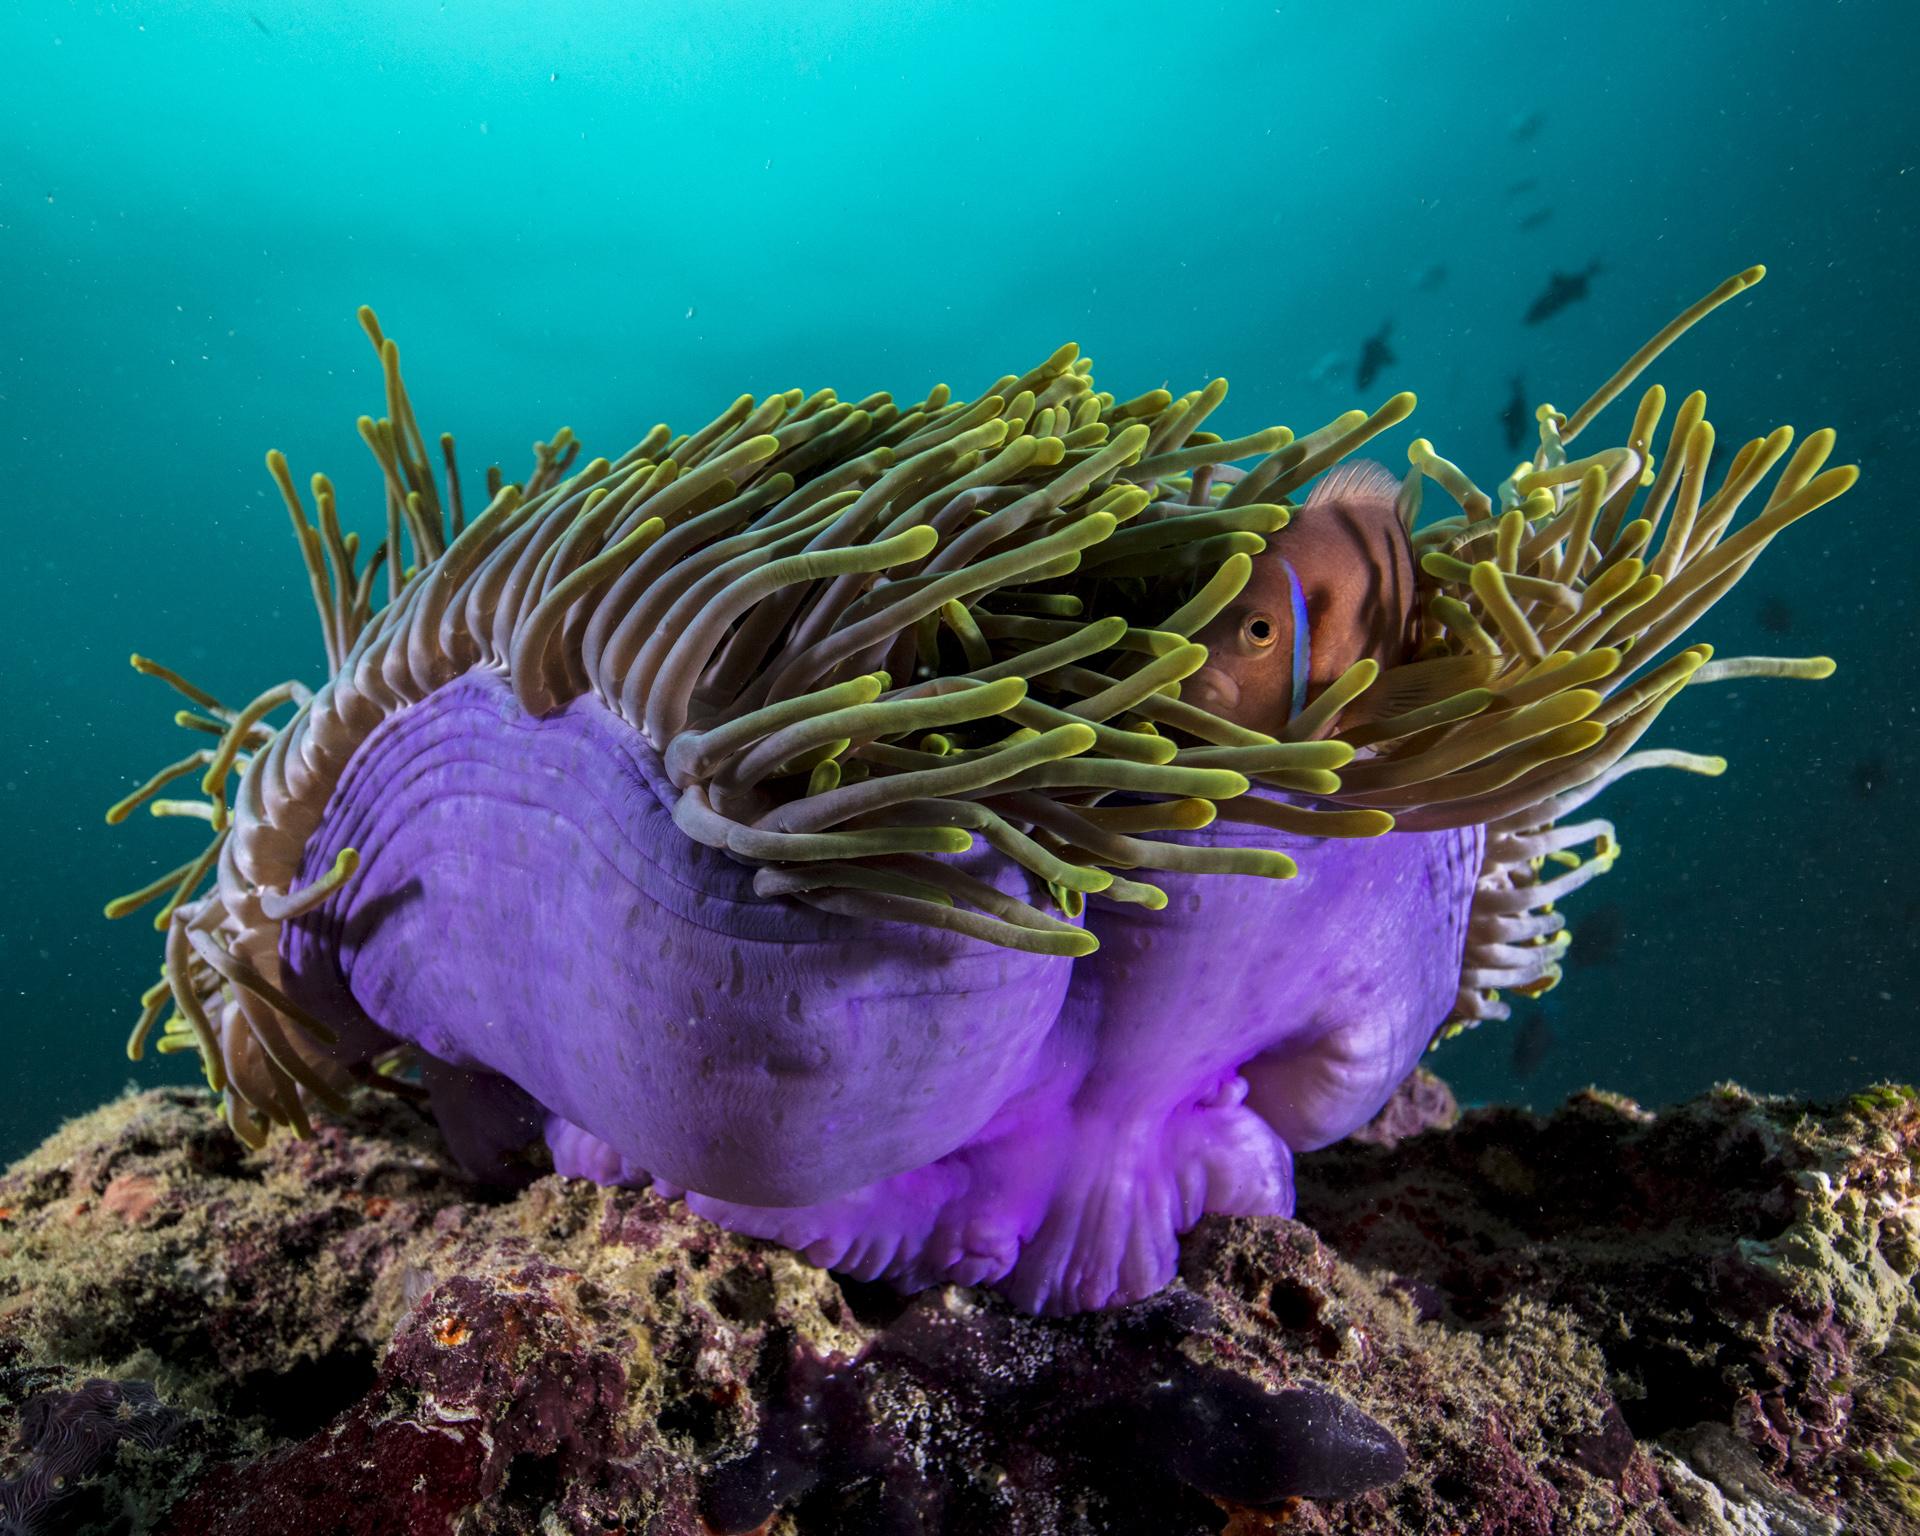 clownfish in anemone, maldives Credit: David p. robinson, phd / coral reef image bank